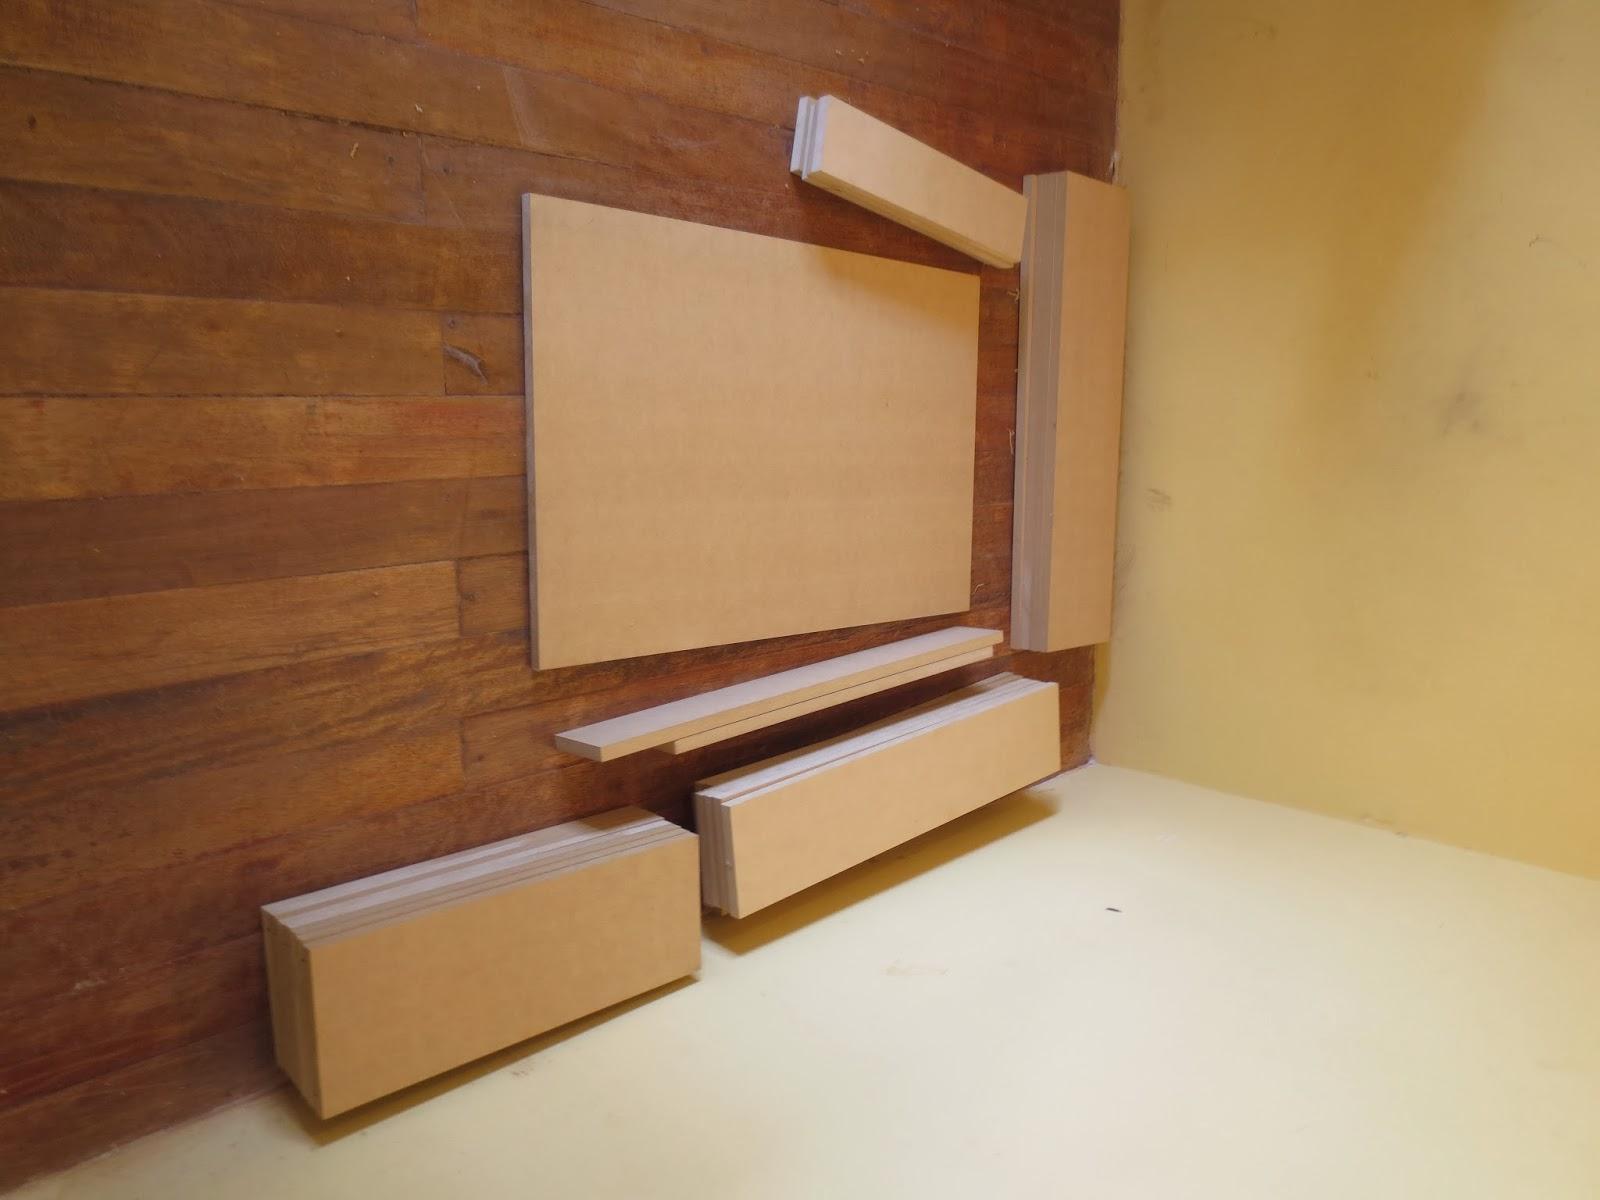 Imagenes de muebles de madera faciles de hacer - Manualidades con madera faciles ...